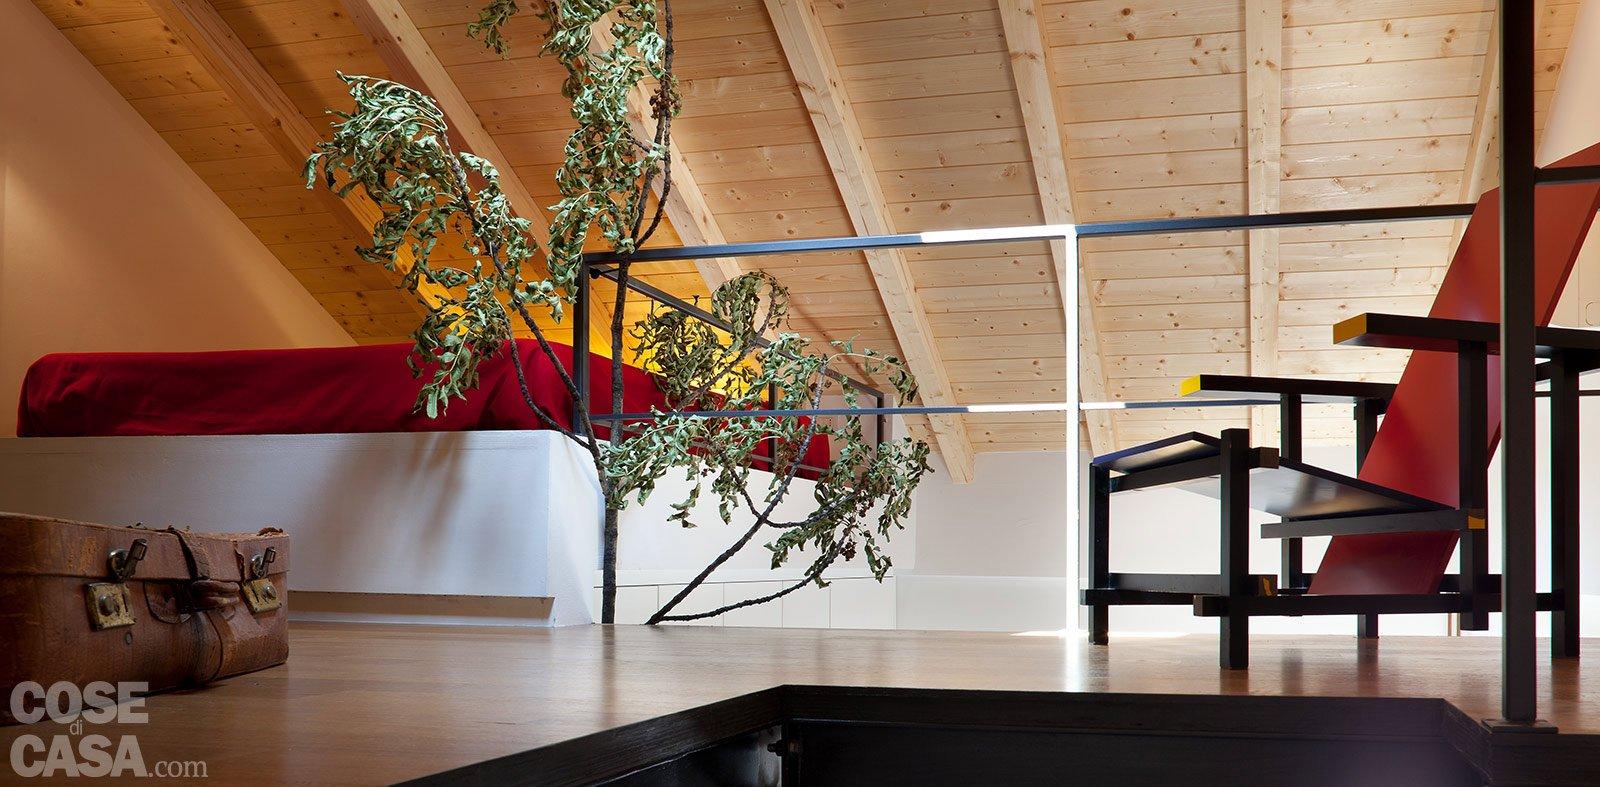 Casa fortunati fiorentini soppalco sedia for Piccoli piani di case gratuiti